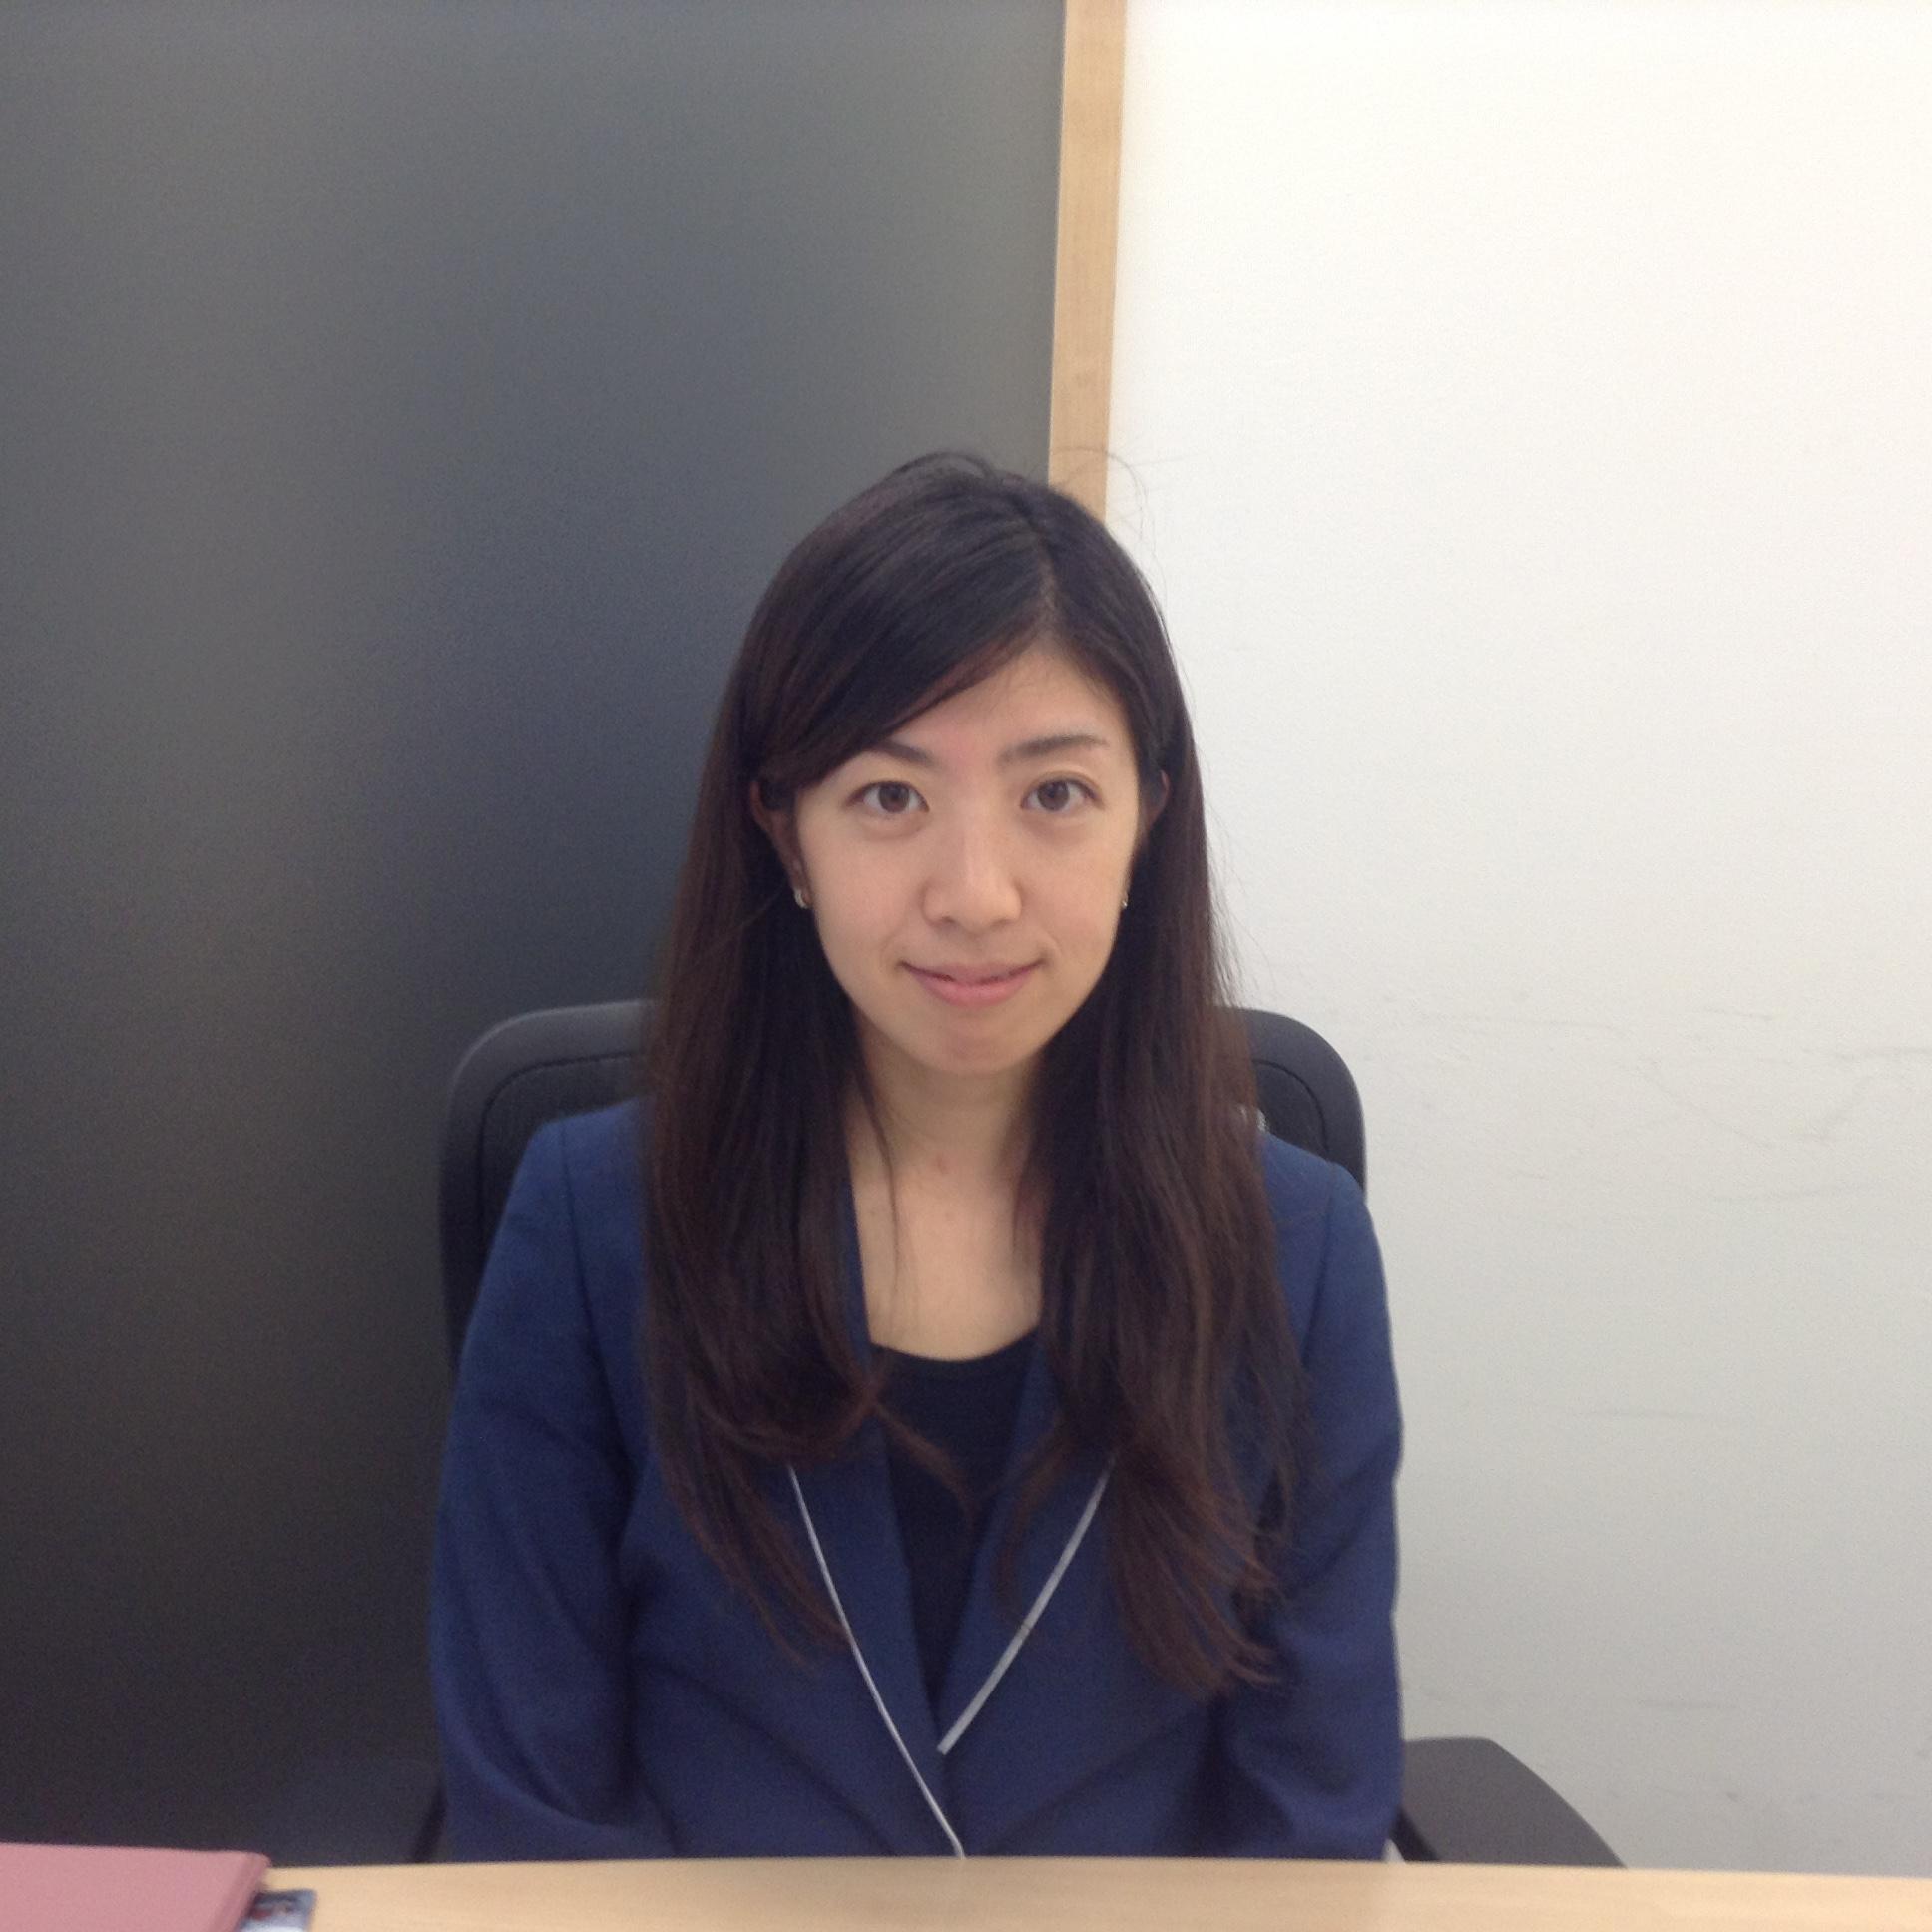 シンガポールの転職エージェント JAC Recruitment 山田さん